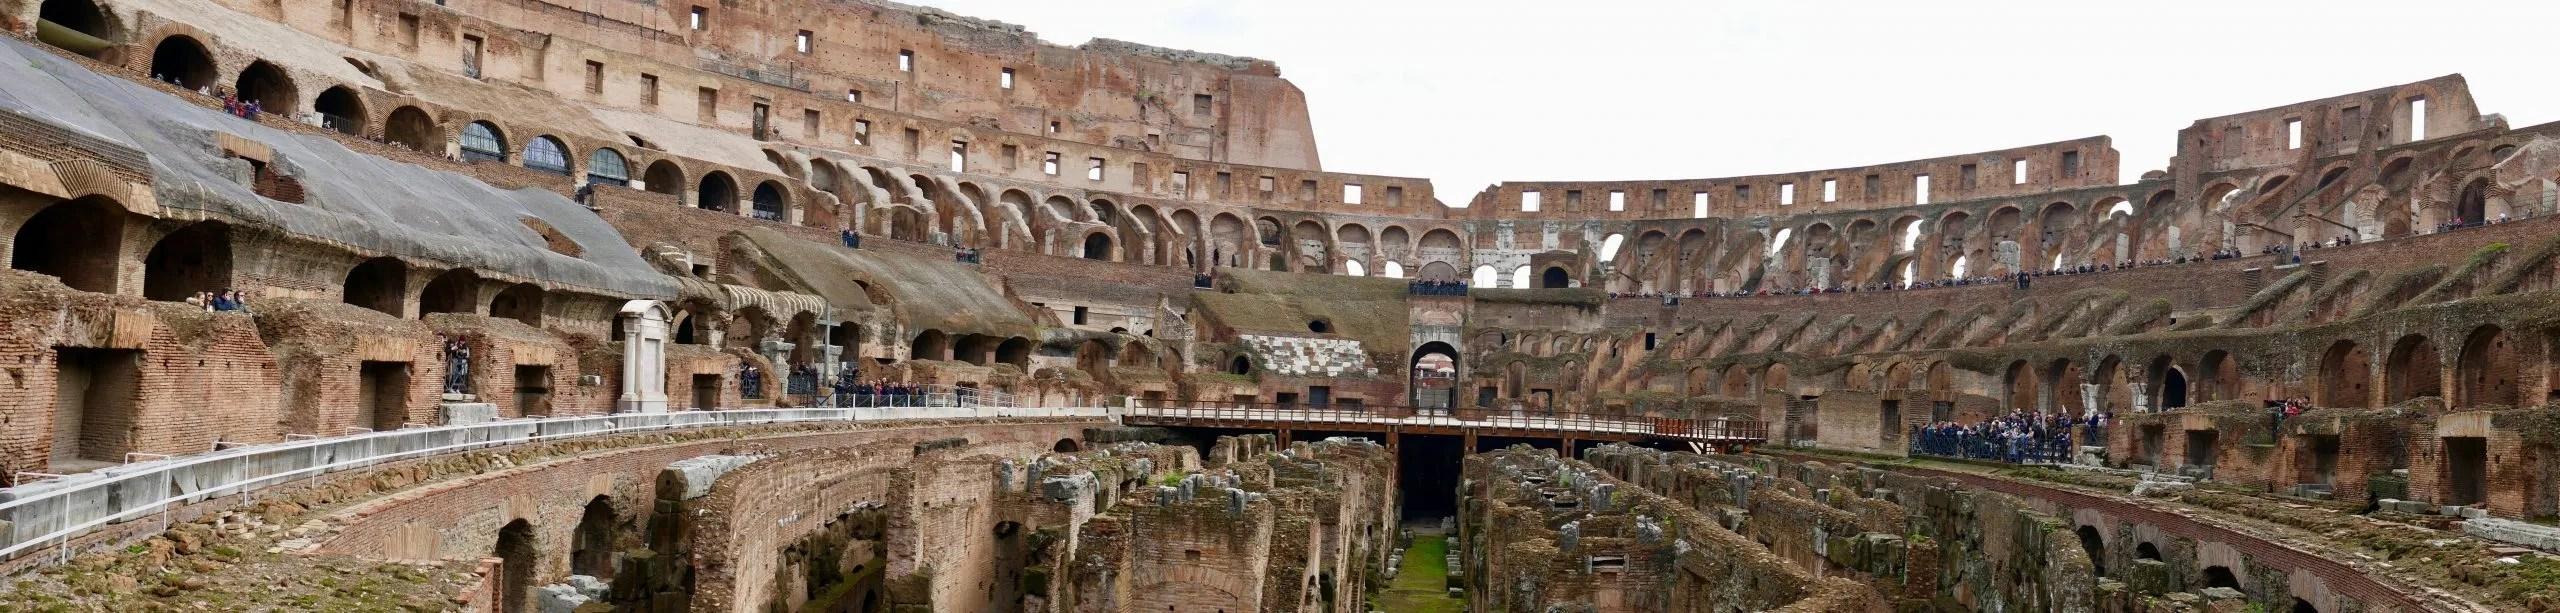 Colesseum Rome